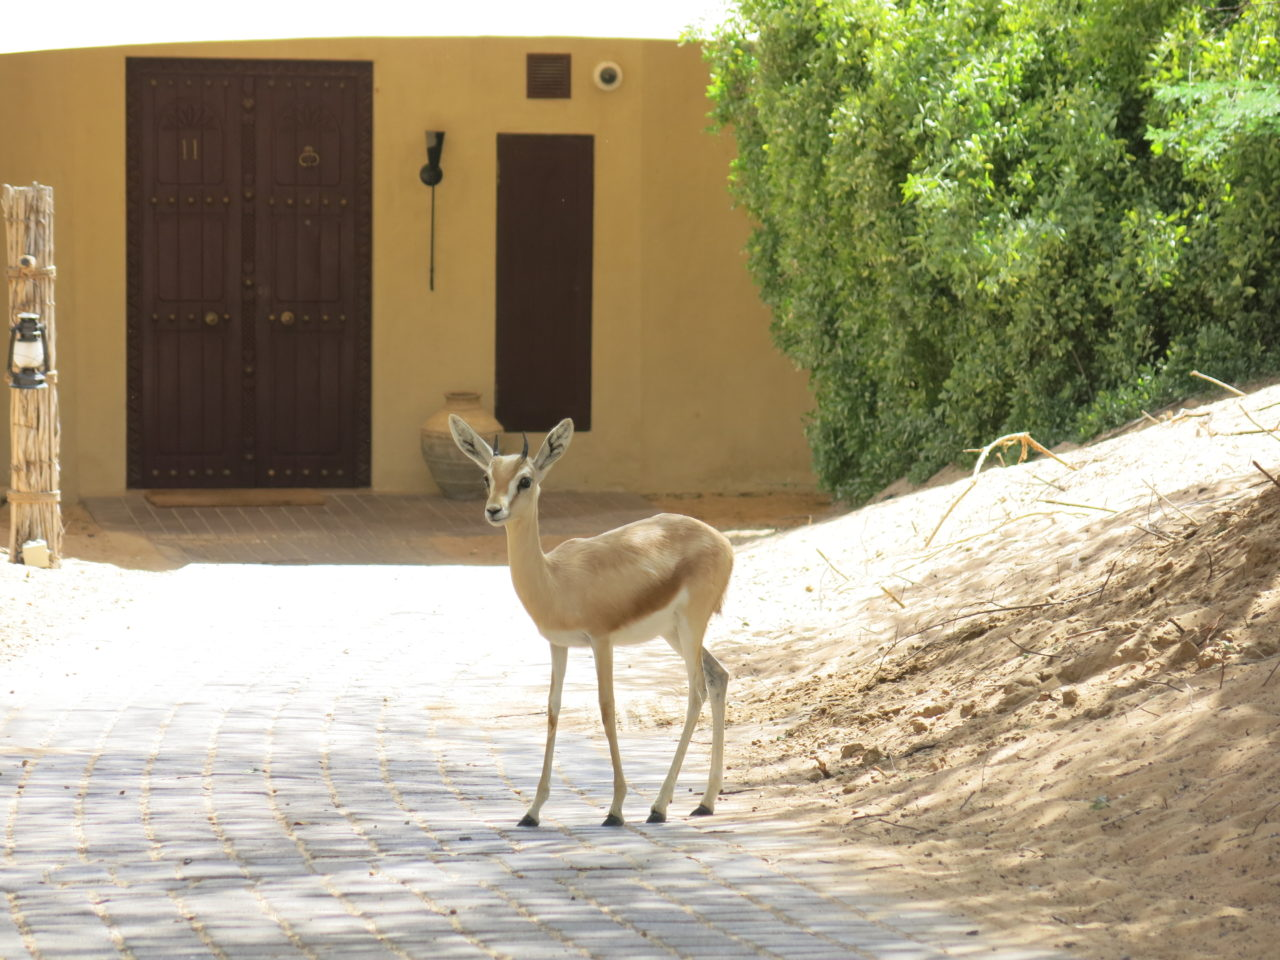 Al Maha gazelle